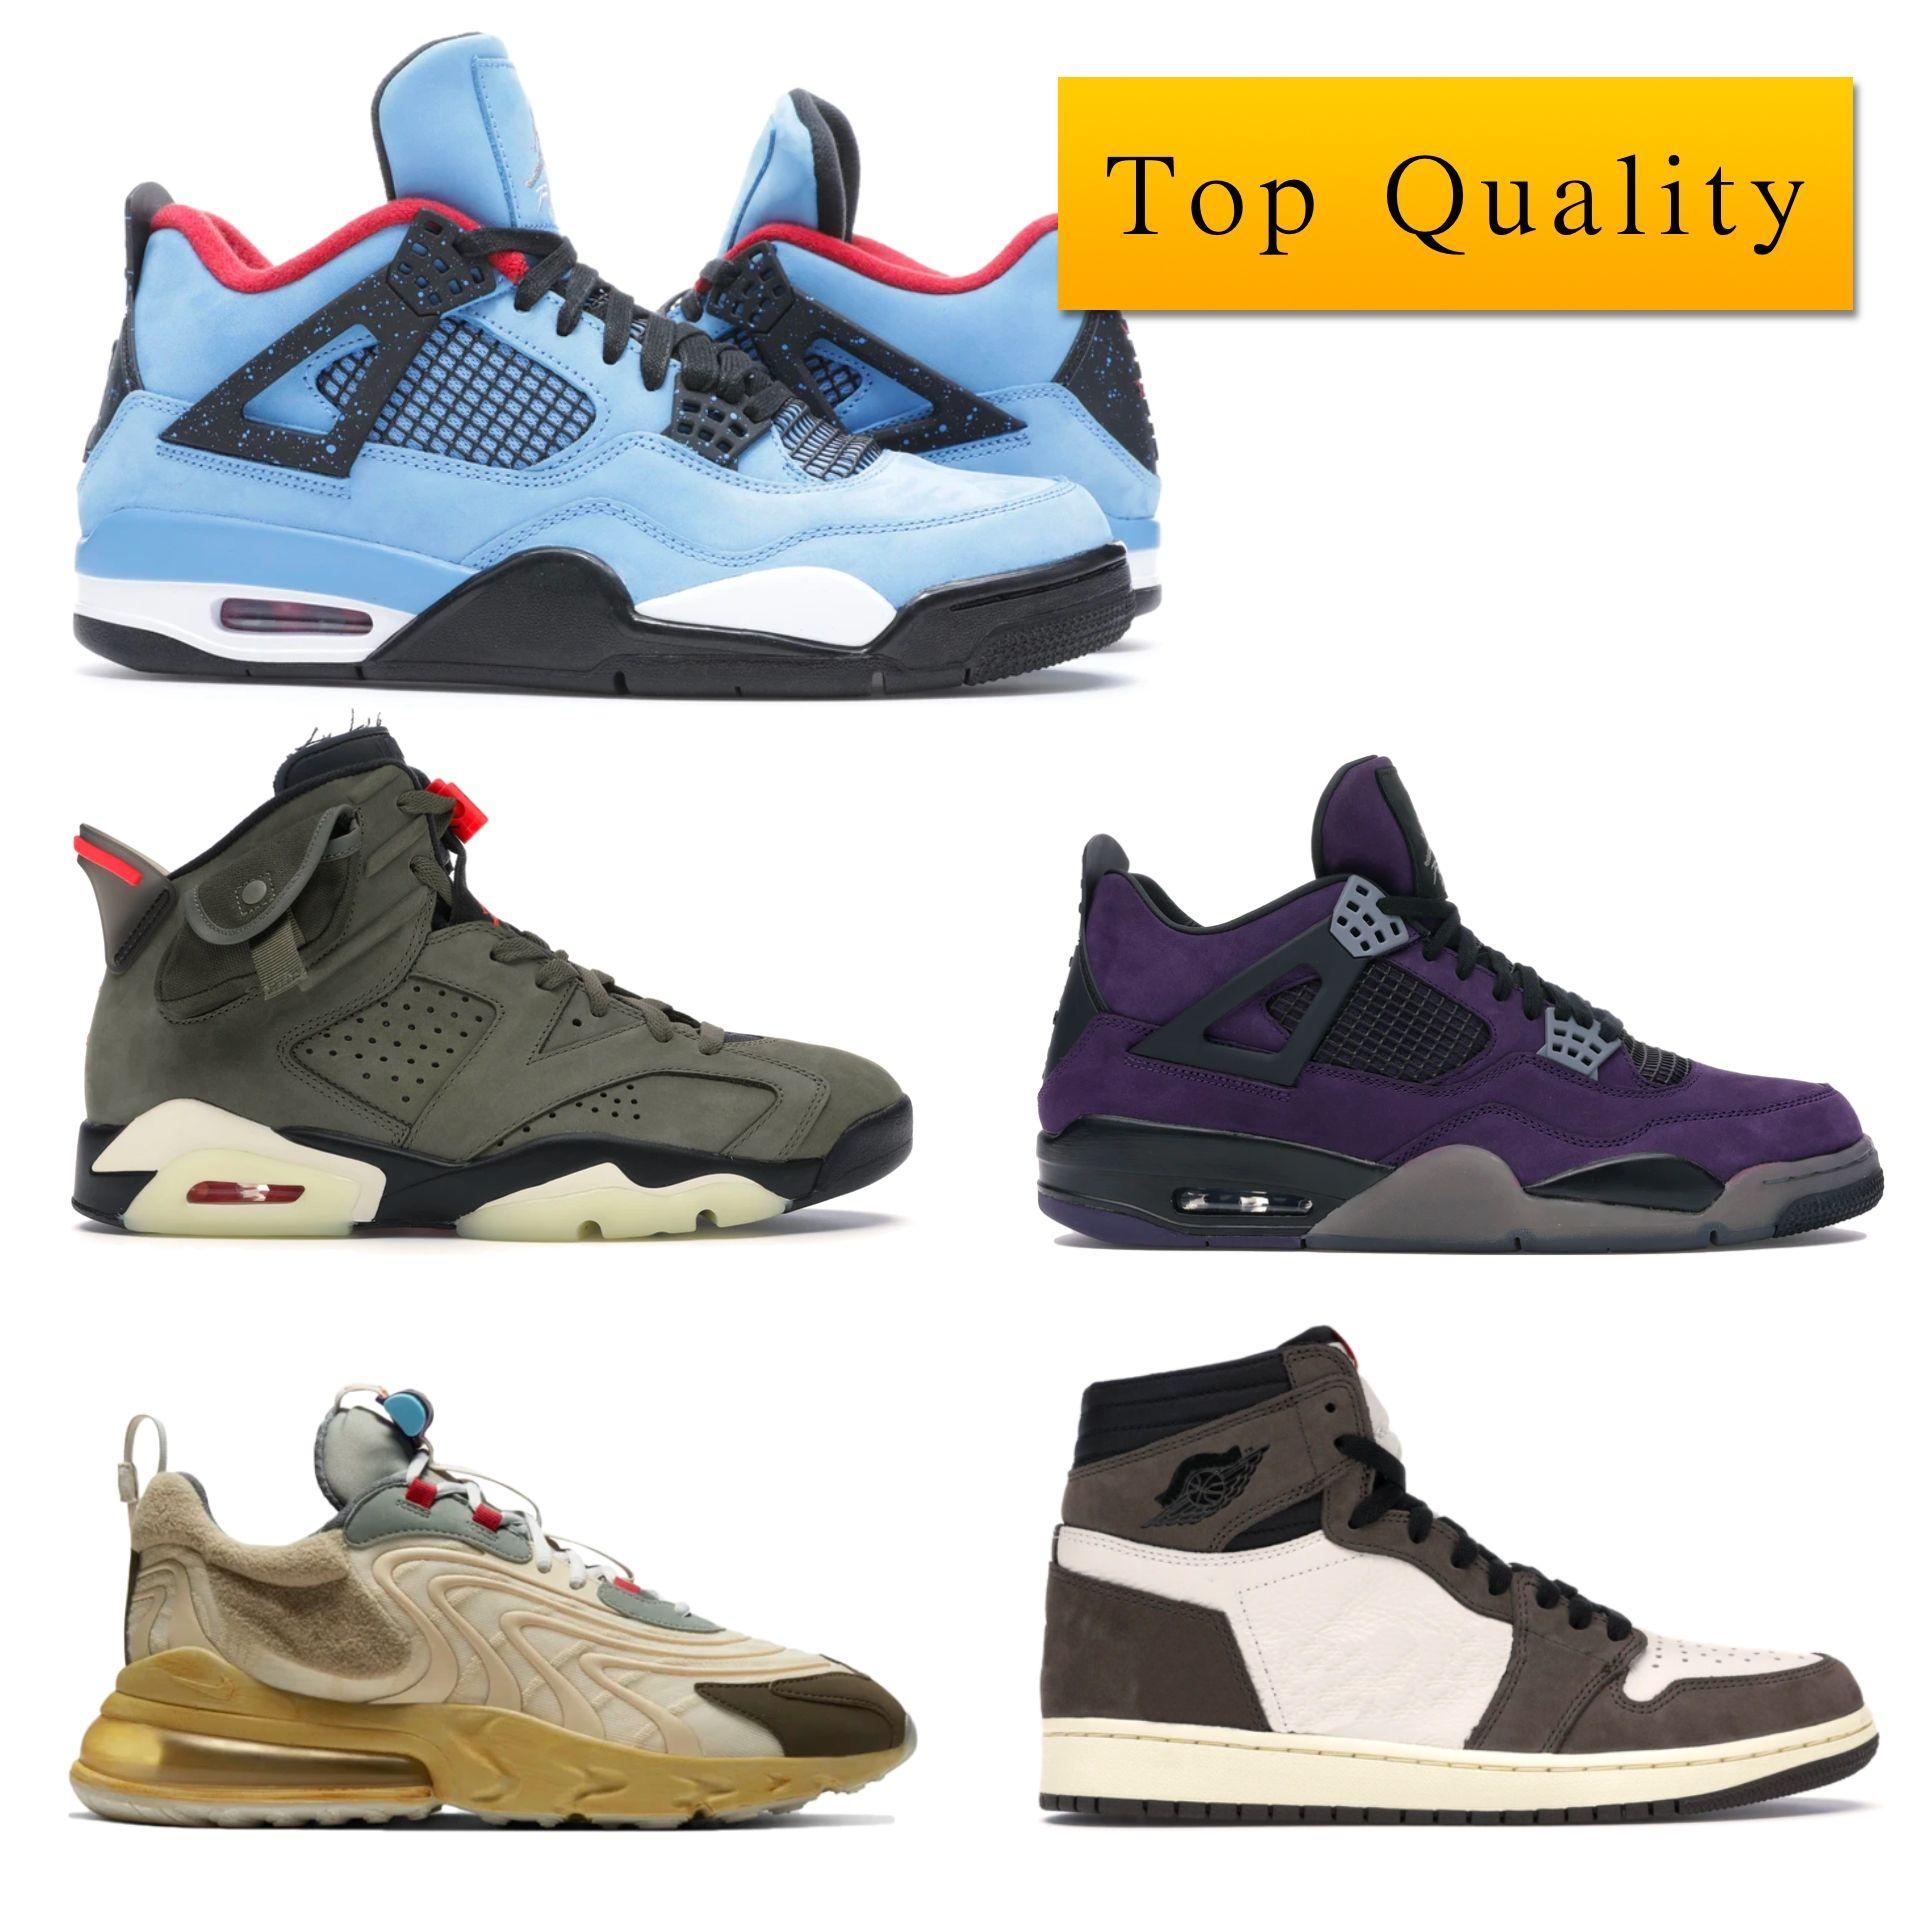 أعلى جودة j1 الرجعية عالية ترافيس سكوتس j 4 الأصدقاء الأرجواني والأسرة الصبار جاك مع صندوق الرجل حذاء